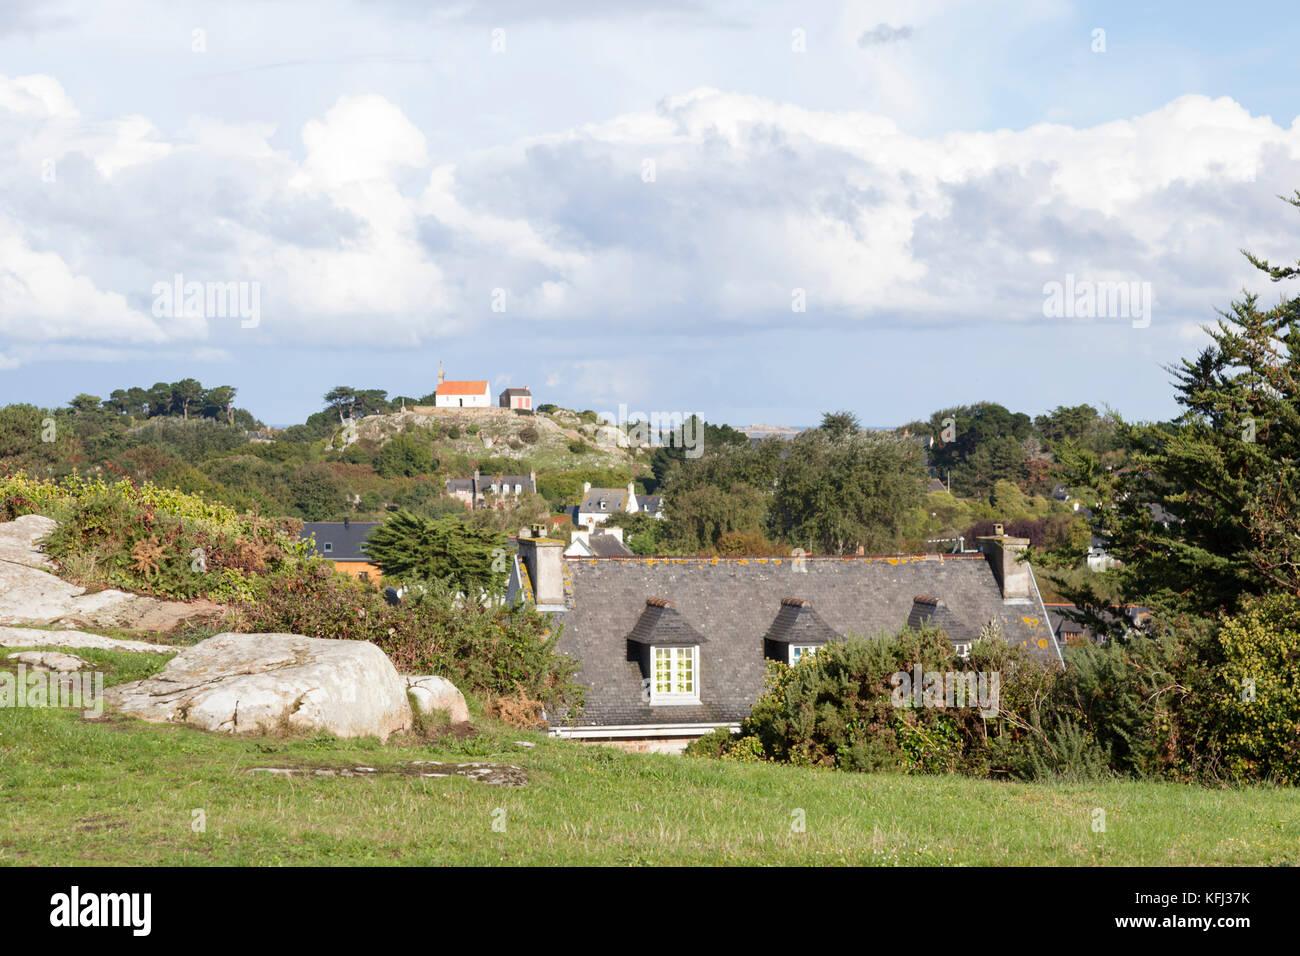 Una vista sulle case di Brehat island (Francia). Se l'alloggiamento Brehat manca di unità utilizza plentifully Immagini Stock